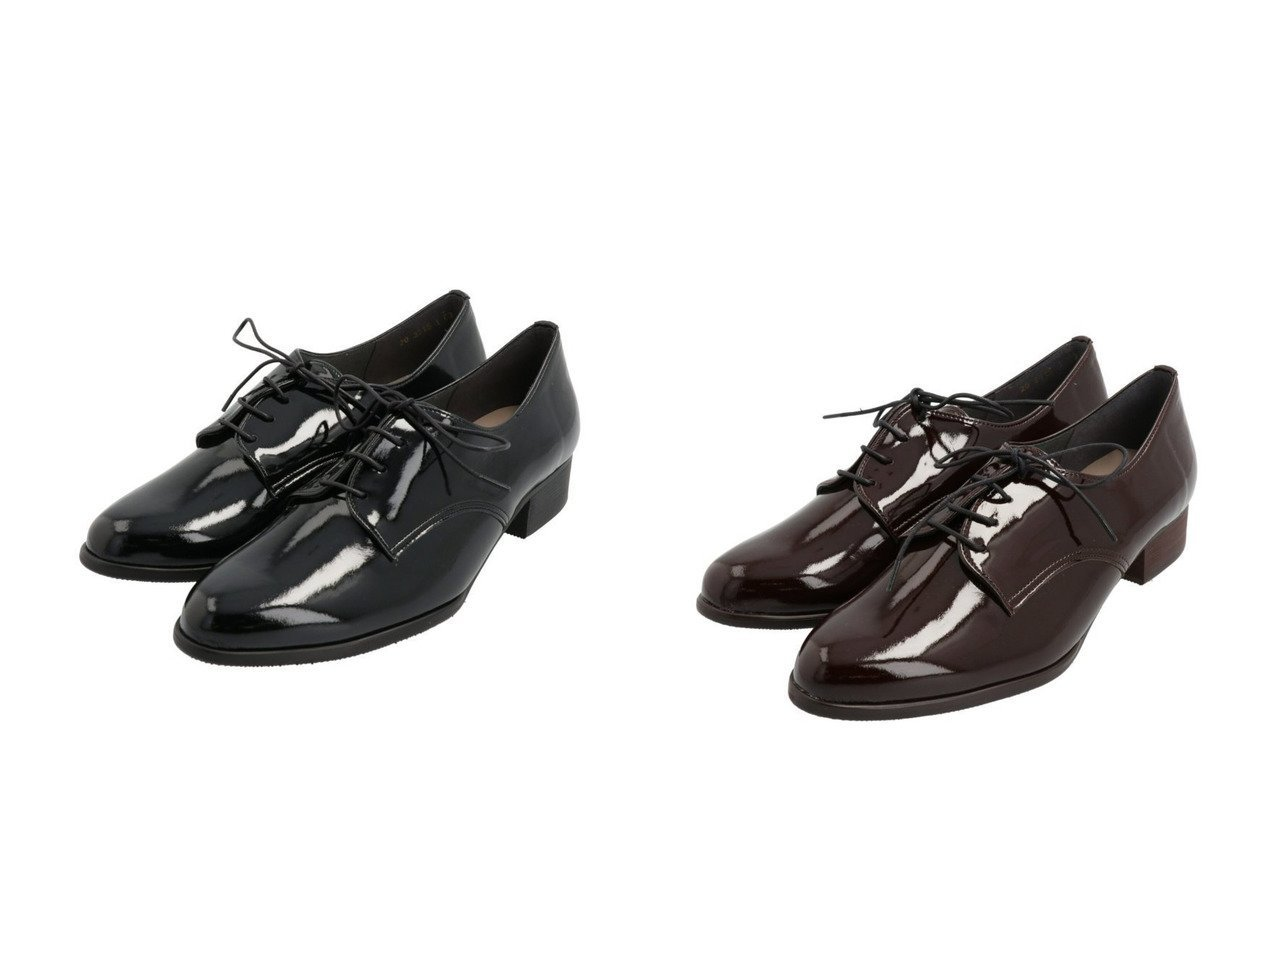 【Le Talon/ル タロン】の3.5cmレインレースアップ(22-25) シューズ・靴のおすすめ!人気、トレンド・レディースファッションの通販 おすすめで人気の流行・トレンド、ファッションの通販商品 メンズファッション・キッズファッション・インテリア・家具・レディースファッション・服の通販 founy(ファニー) https://founy.com/ ファッション Fashion レディースファッション WOMEN 2020年 2020 2020 春夏 S/S SS Spring/Summer 2020 S/S 春夏 SS Spring/Summer シューズ ドレス ボトム  ID:crp329100000012459